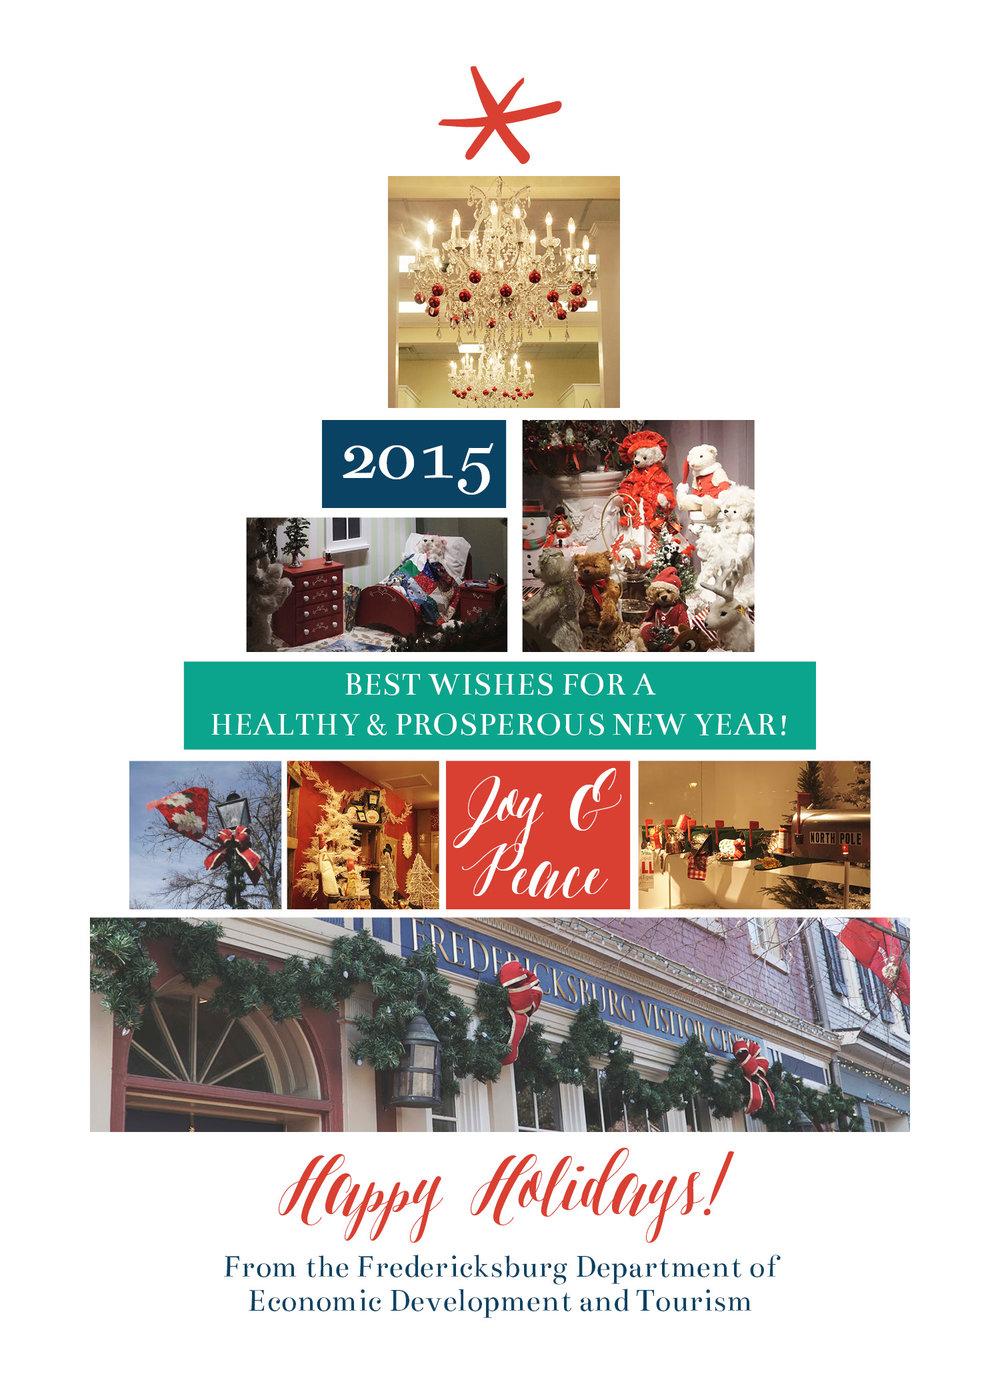 VisitFred_ChristmasCard2015.jpg